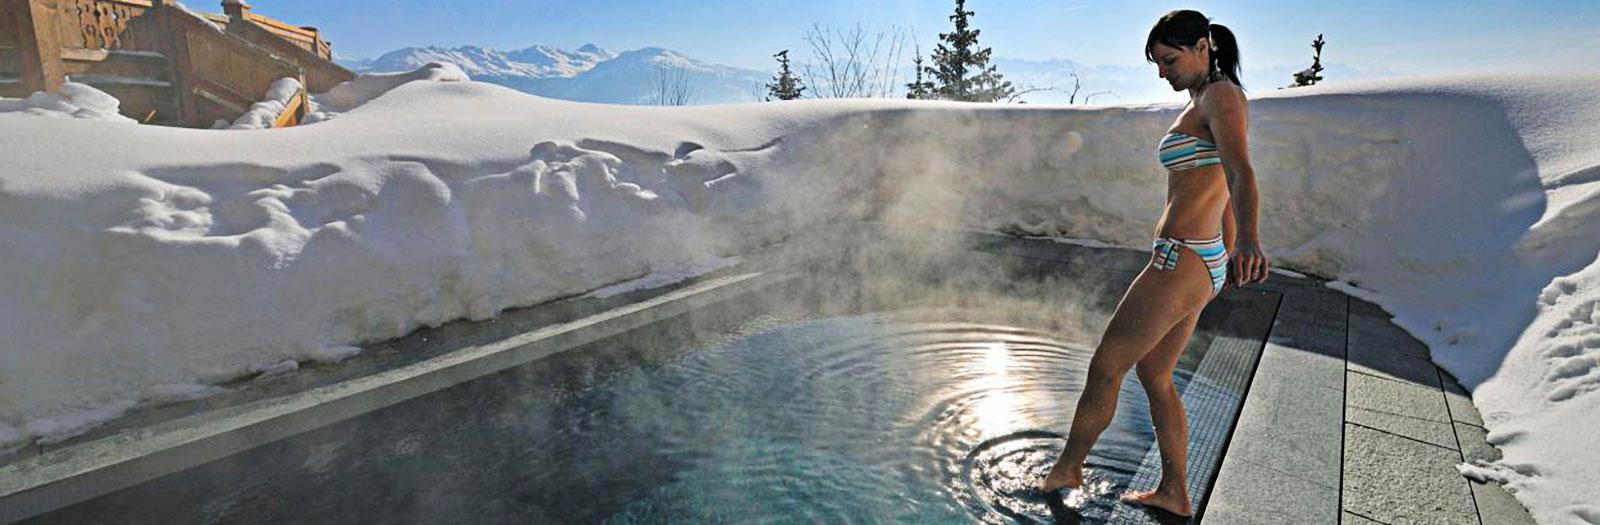 Crans Montana Ski Resort | Switzerland